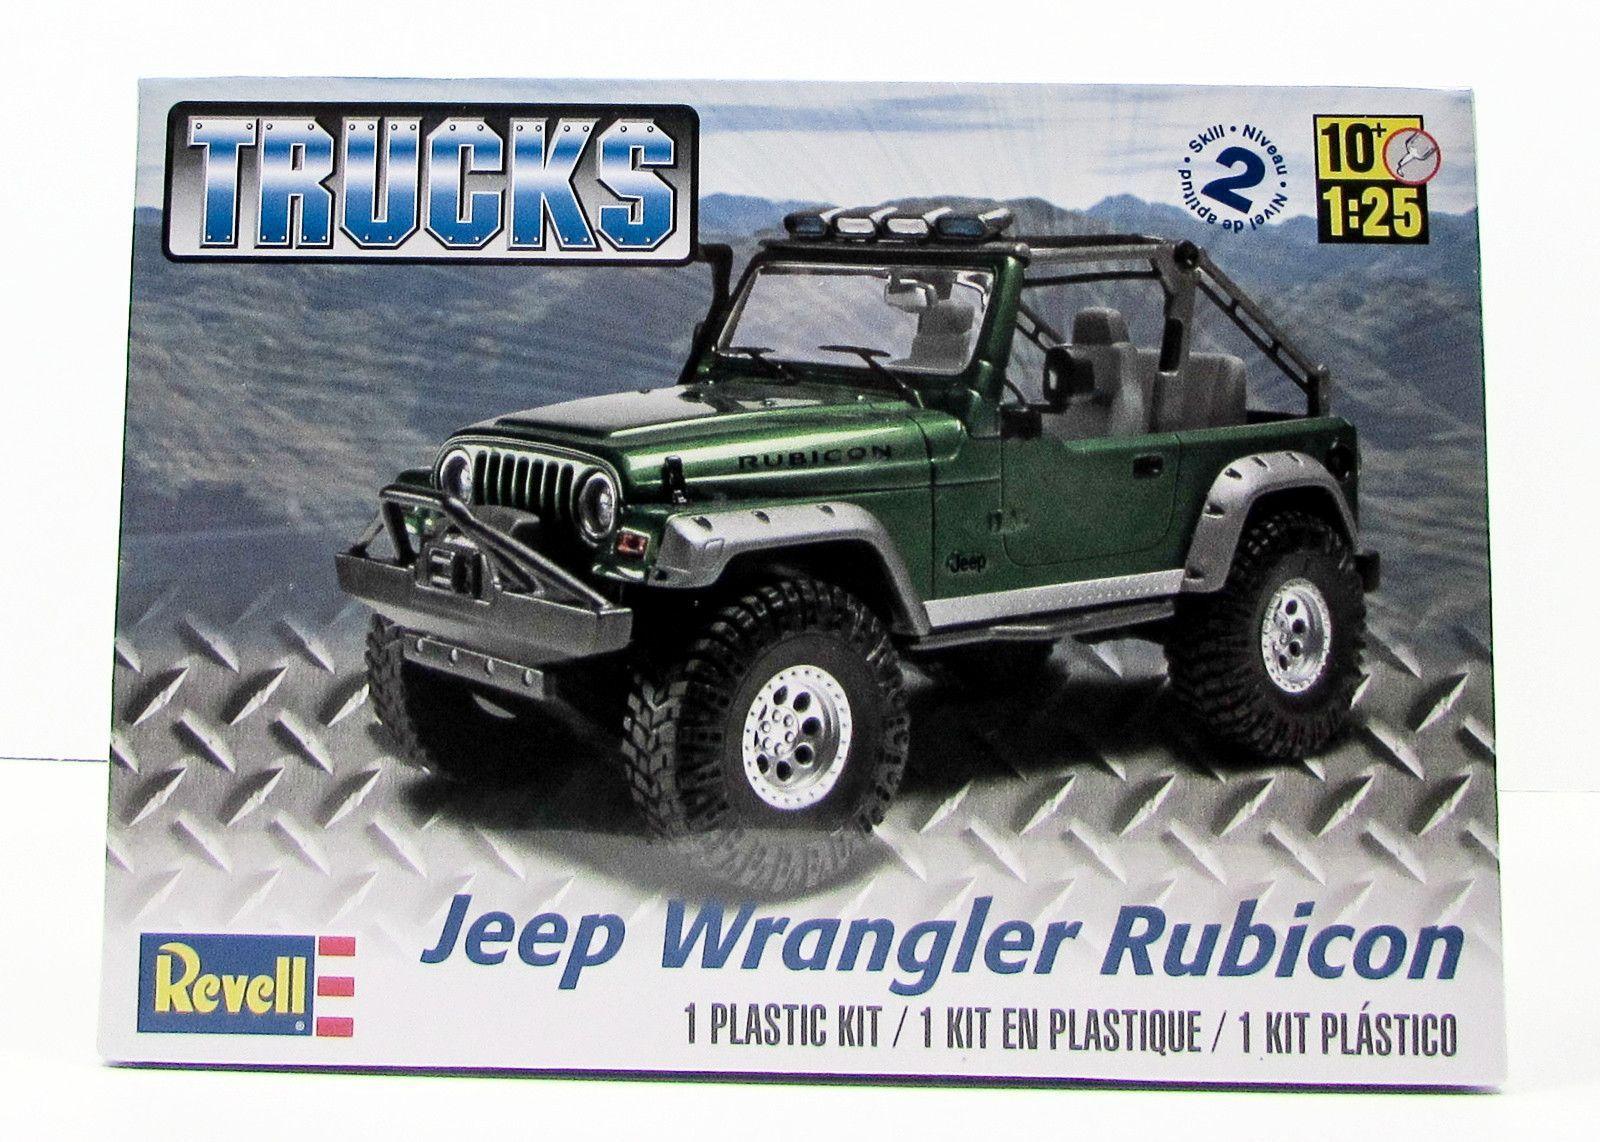 Jeep Wrangler Rubicon Revell 85 4053 1 25 New Truck Model Kit Jeep Wrangler Rubicon Jeep Wrangler New Trucks